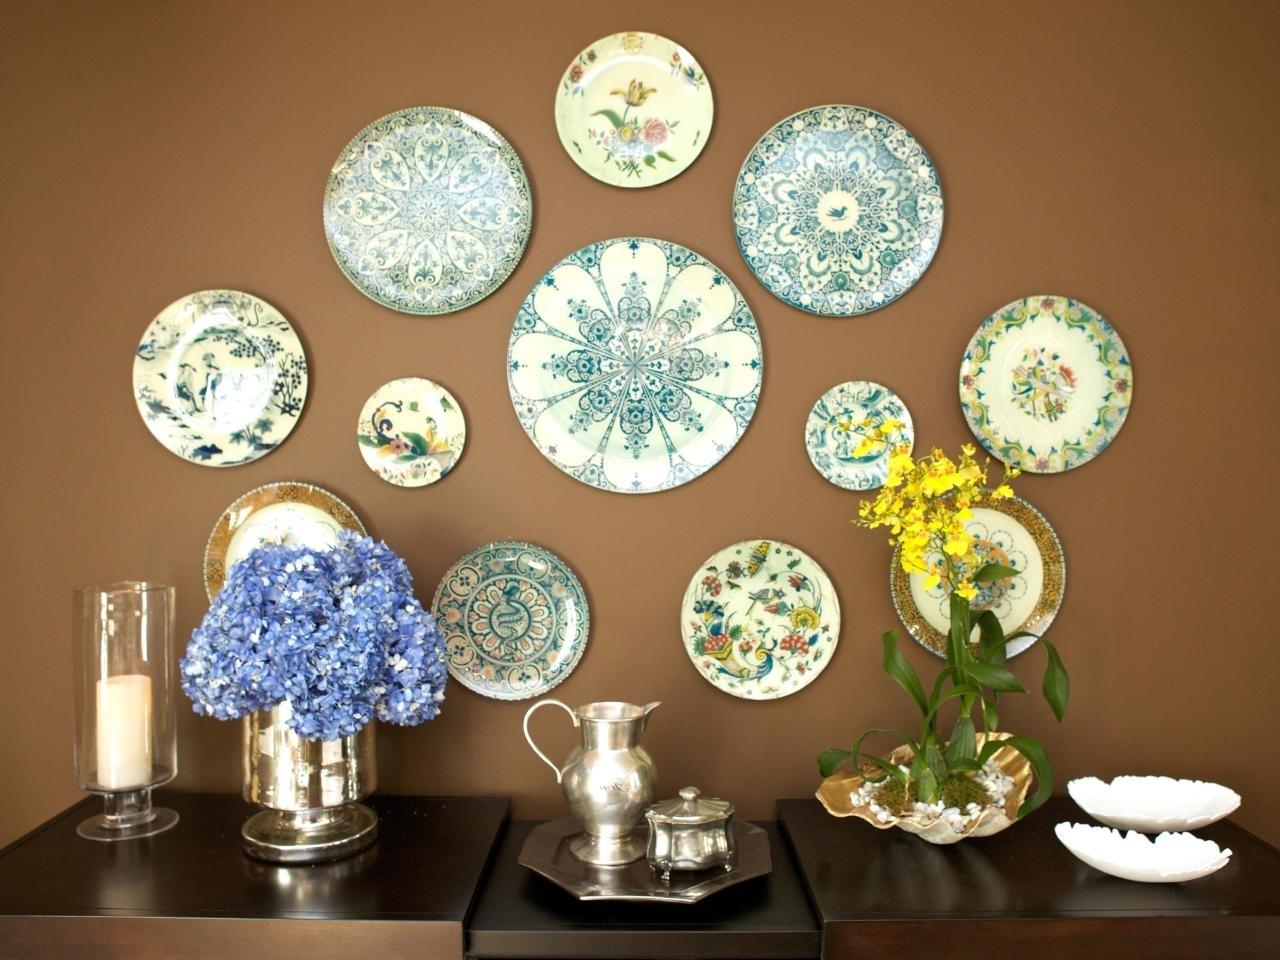 Hgtv's Decorating Regarding Formal Dining Room Wall Art (View 4 of 15)